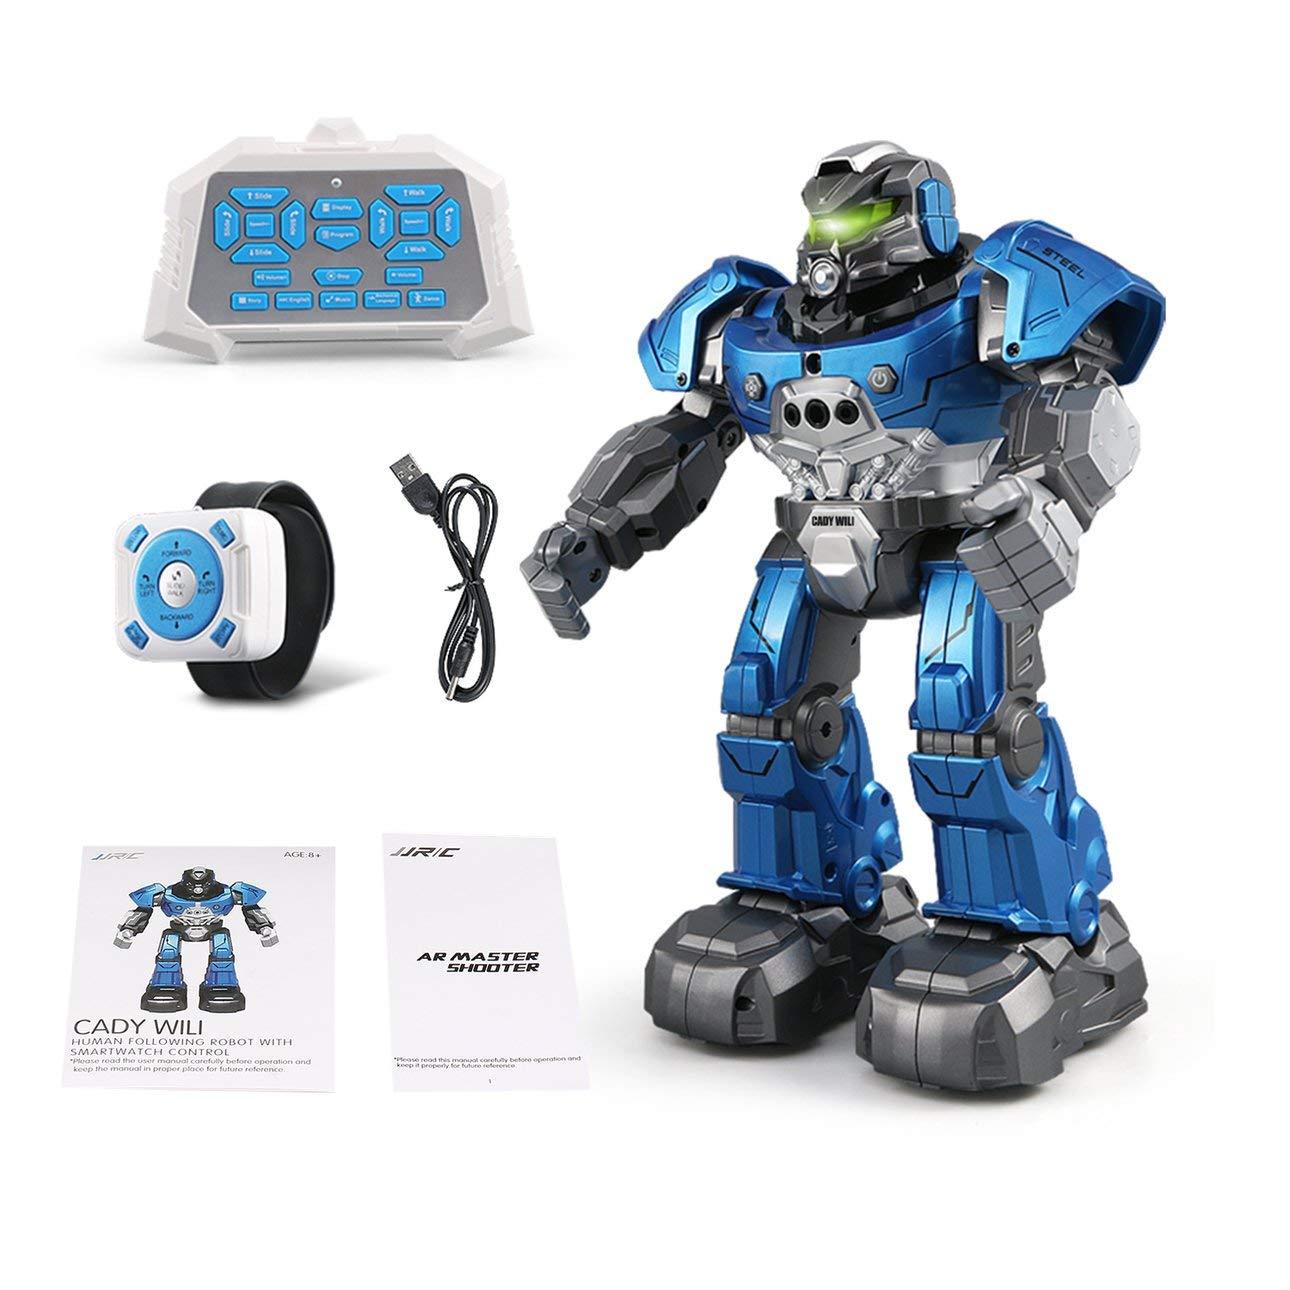 Ballylelly JJR / C R5 Cady WILI Intelligente Roboter Fernbedienung Programmierbare Auto Folgen Geste Sensor Musik Dance RC Spielzeug Kinder Geschenk (Blau)